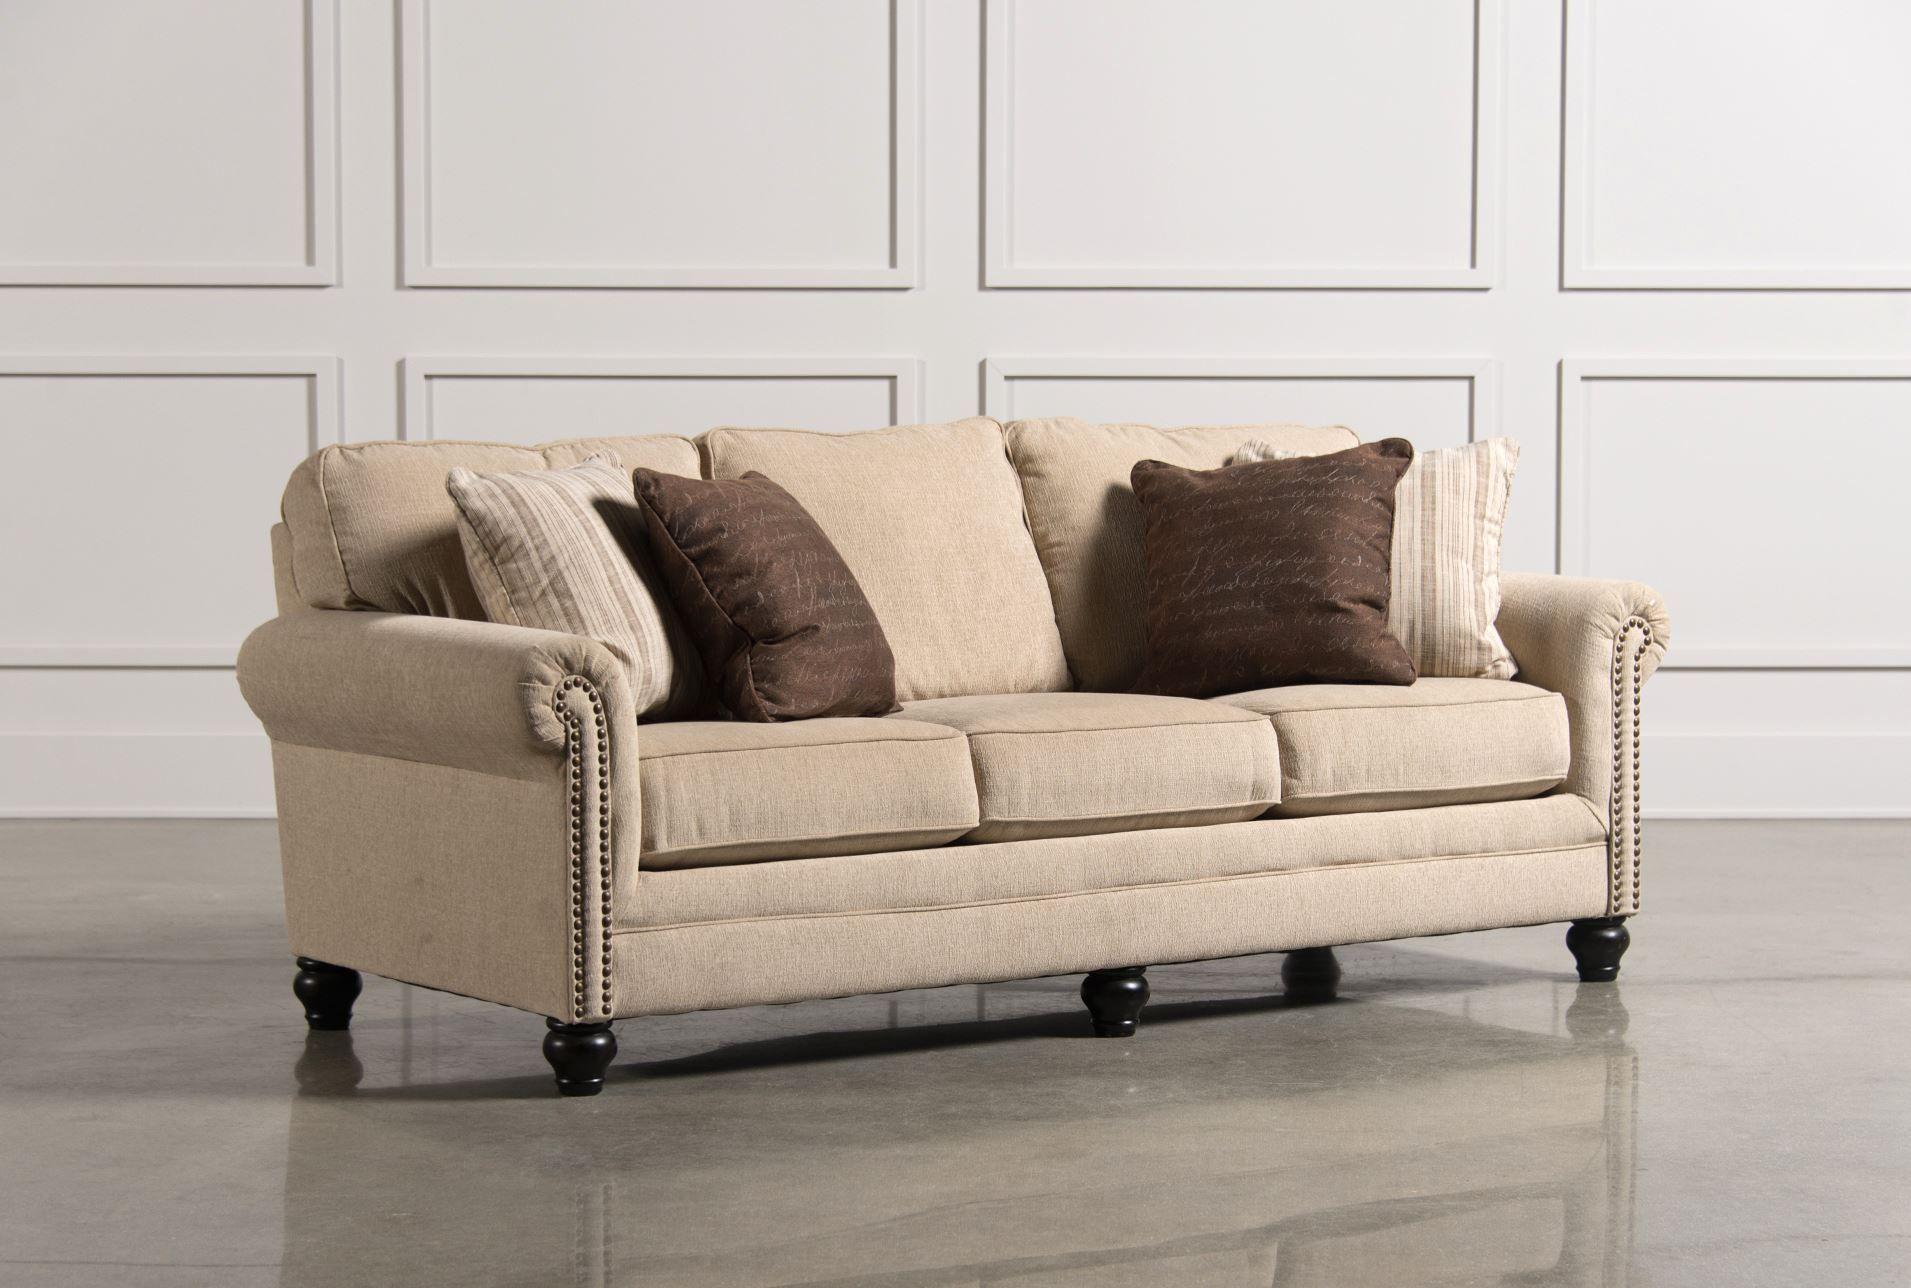 Milari Linen Sofa $425 Living Spaces